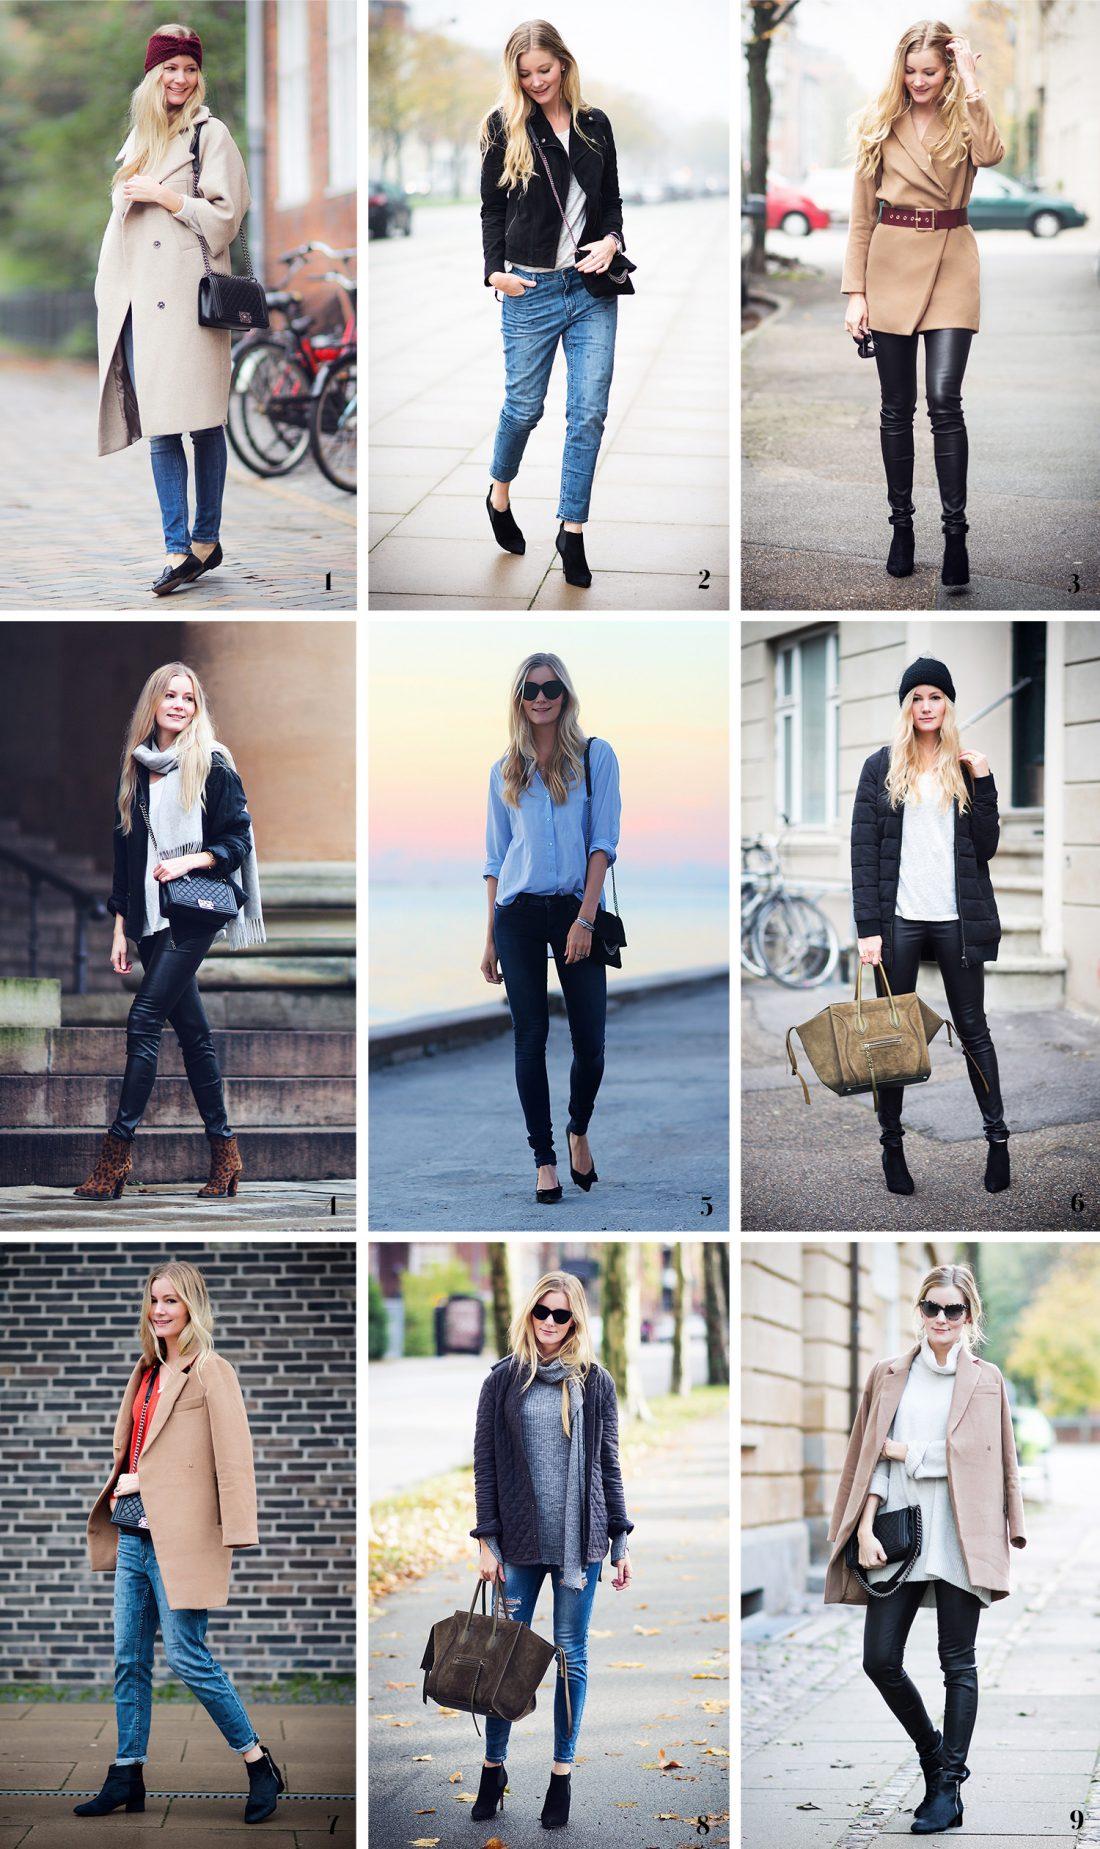 modeblog-outfits-tøj-shopping-online-københavn-billigt-rabat-fashion-jeans@2x.jpg